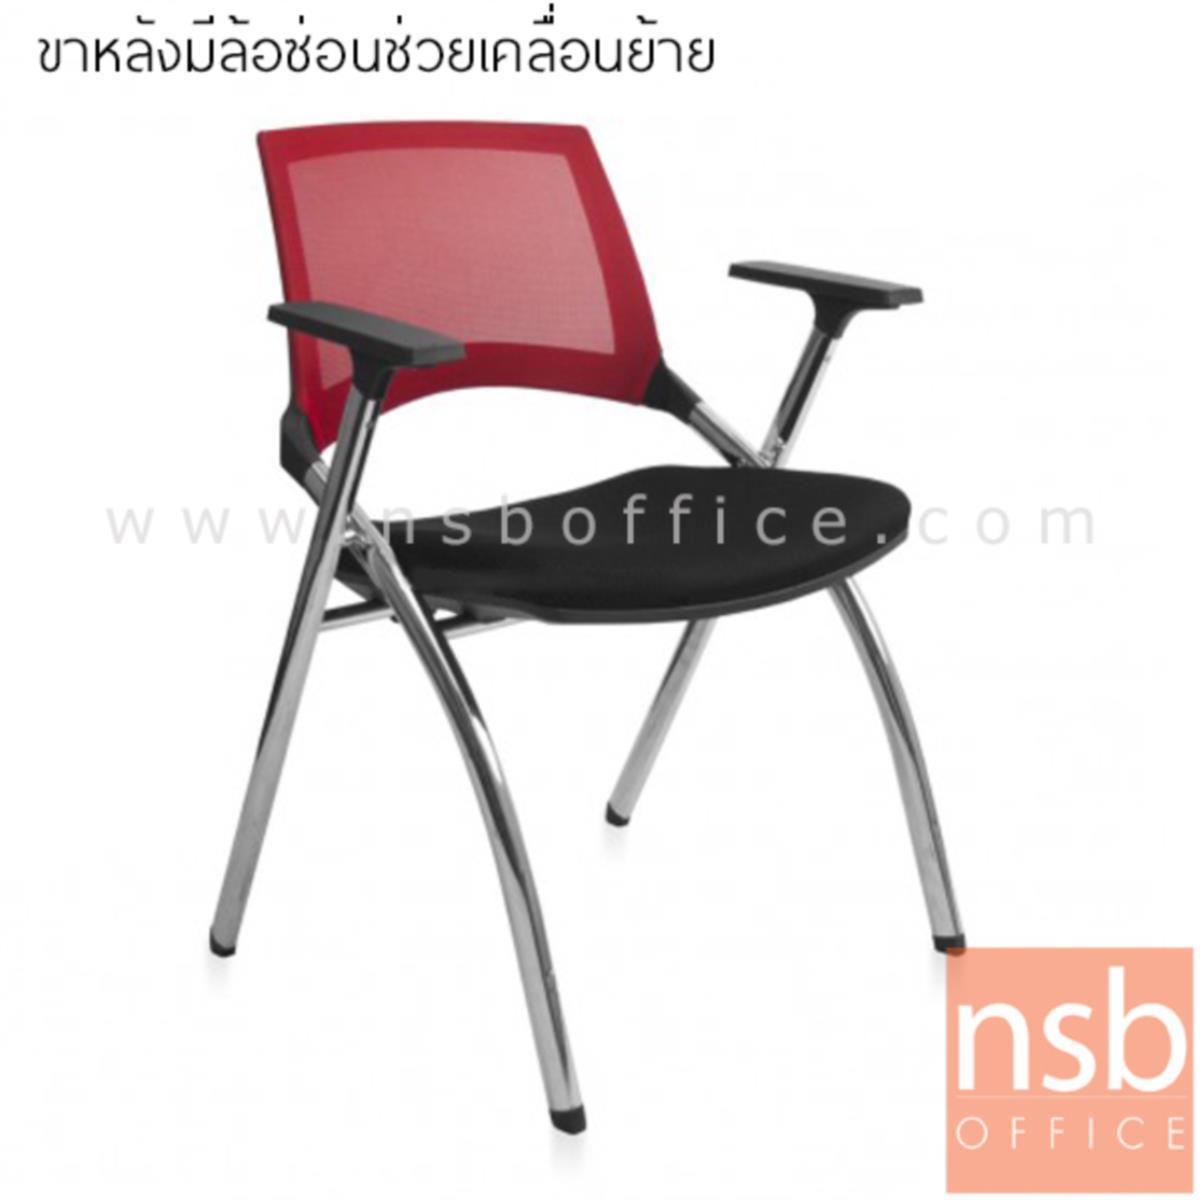 B04A158:เก้าอี้รับแขกหลังเน็ต รุ่น TY-7MD  ขาเหล็กชุบโครเมี่ยม ล้อซ่อนที่ขาหลัง